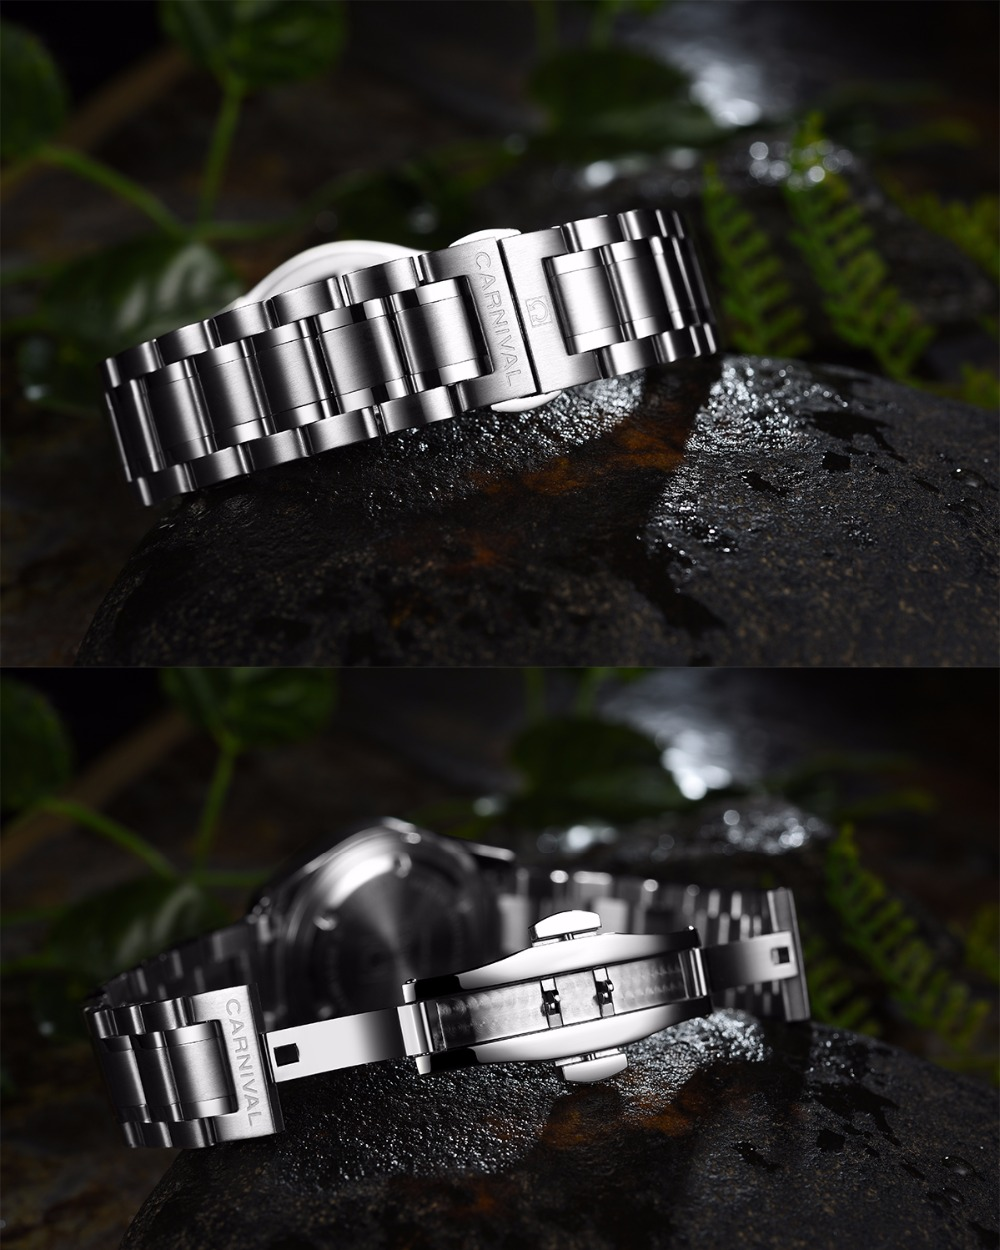 Carnaval trítio t25 luminoso duplo calendário militar suíça relógio de quartzo masculino marca luxo relógios à prova dwaterproof água 2017 - 4